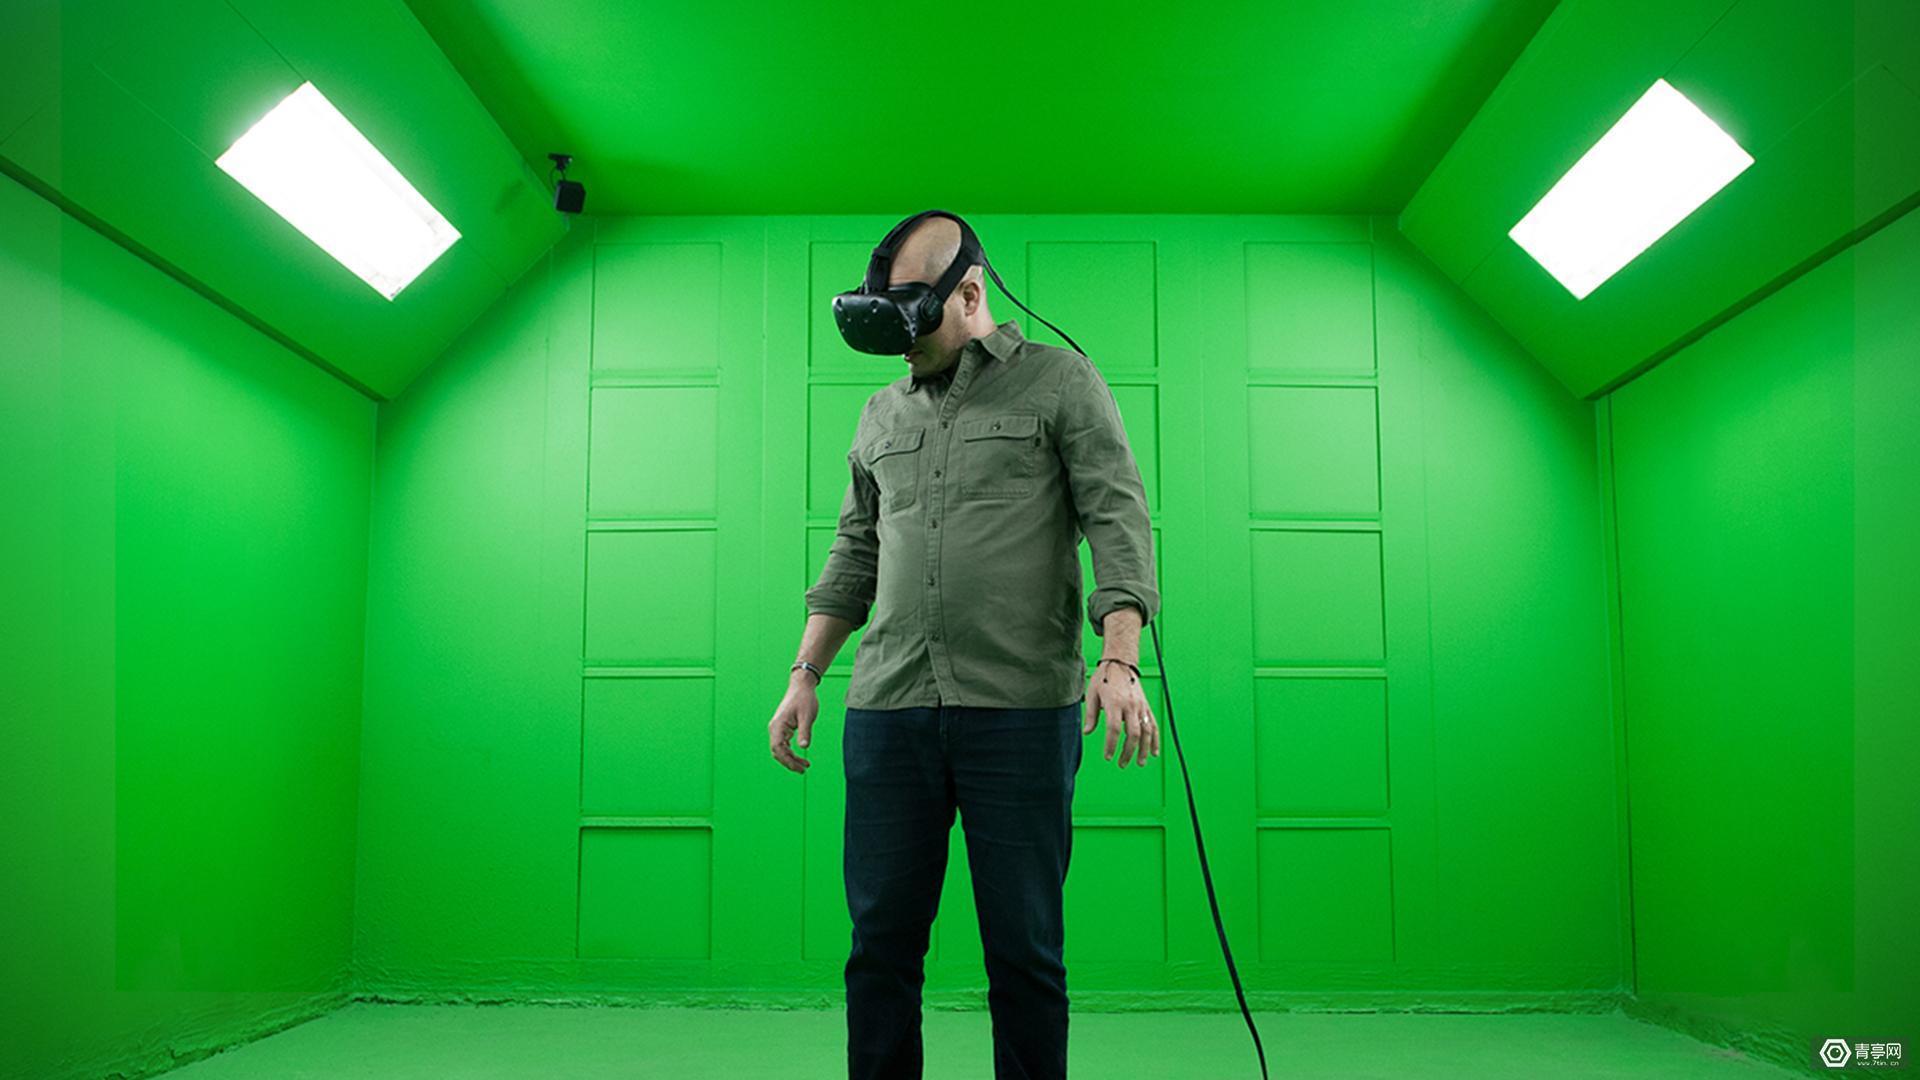 GfK2017一季度VR市场报告:盈利模式揭秘